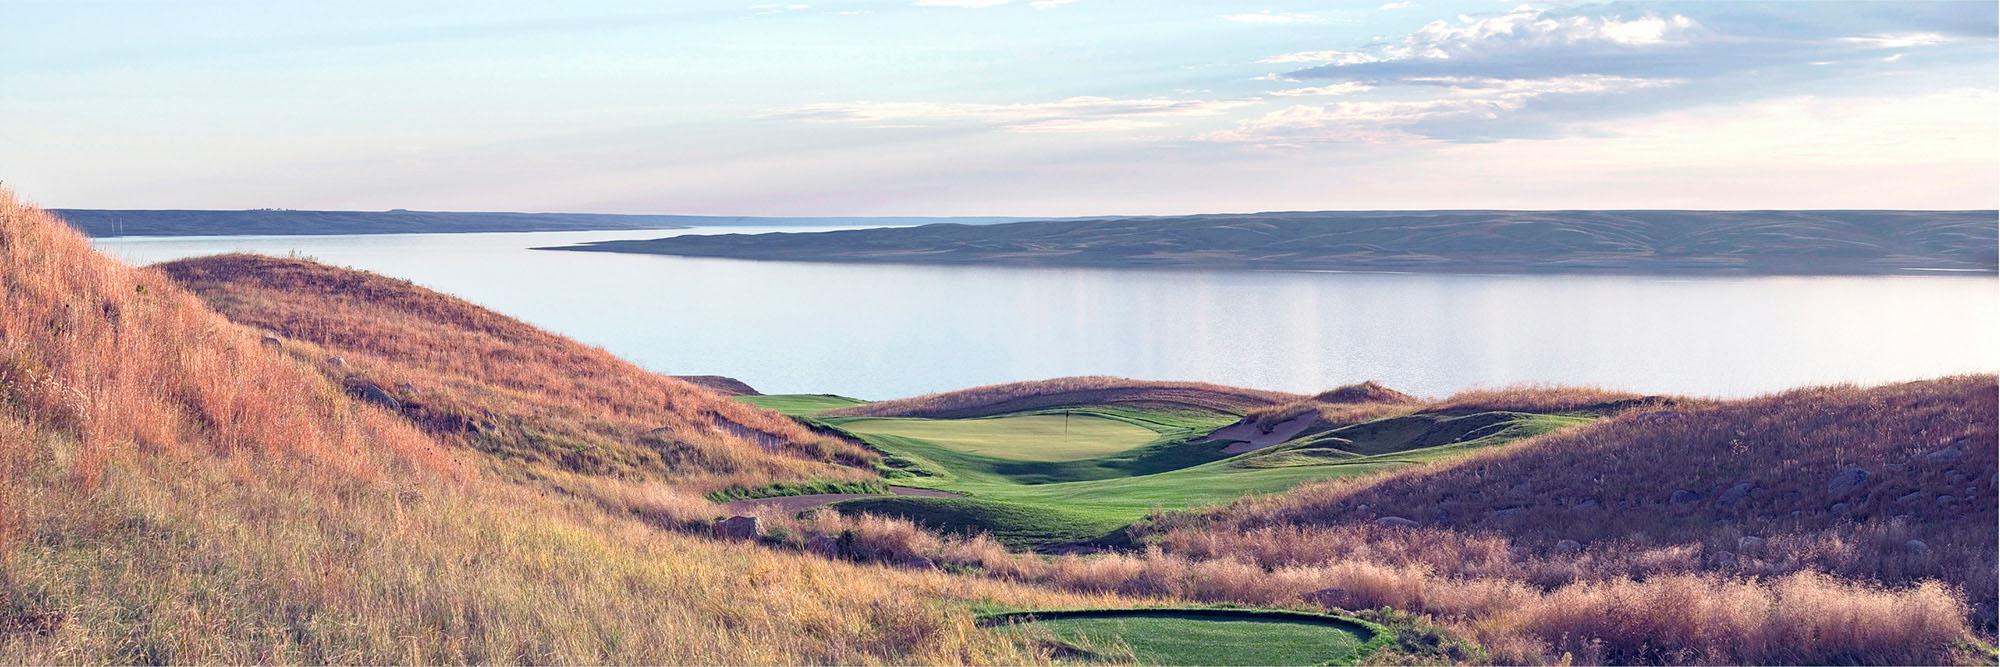 Golf Course Image - Sutton Bay No. 13